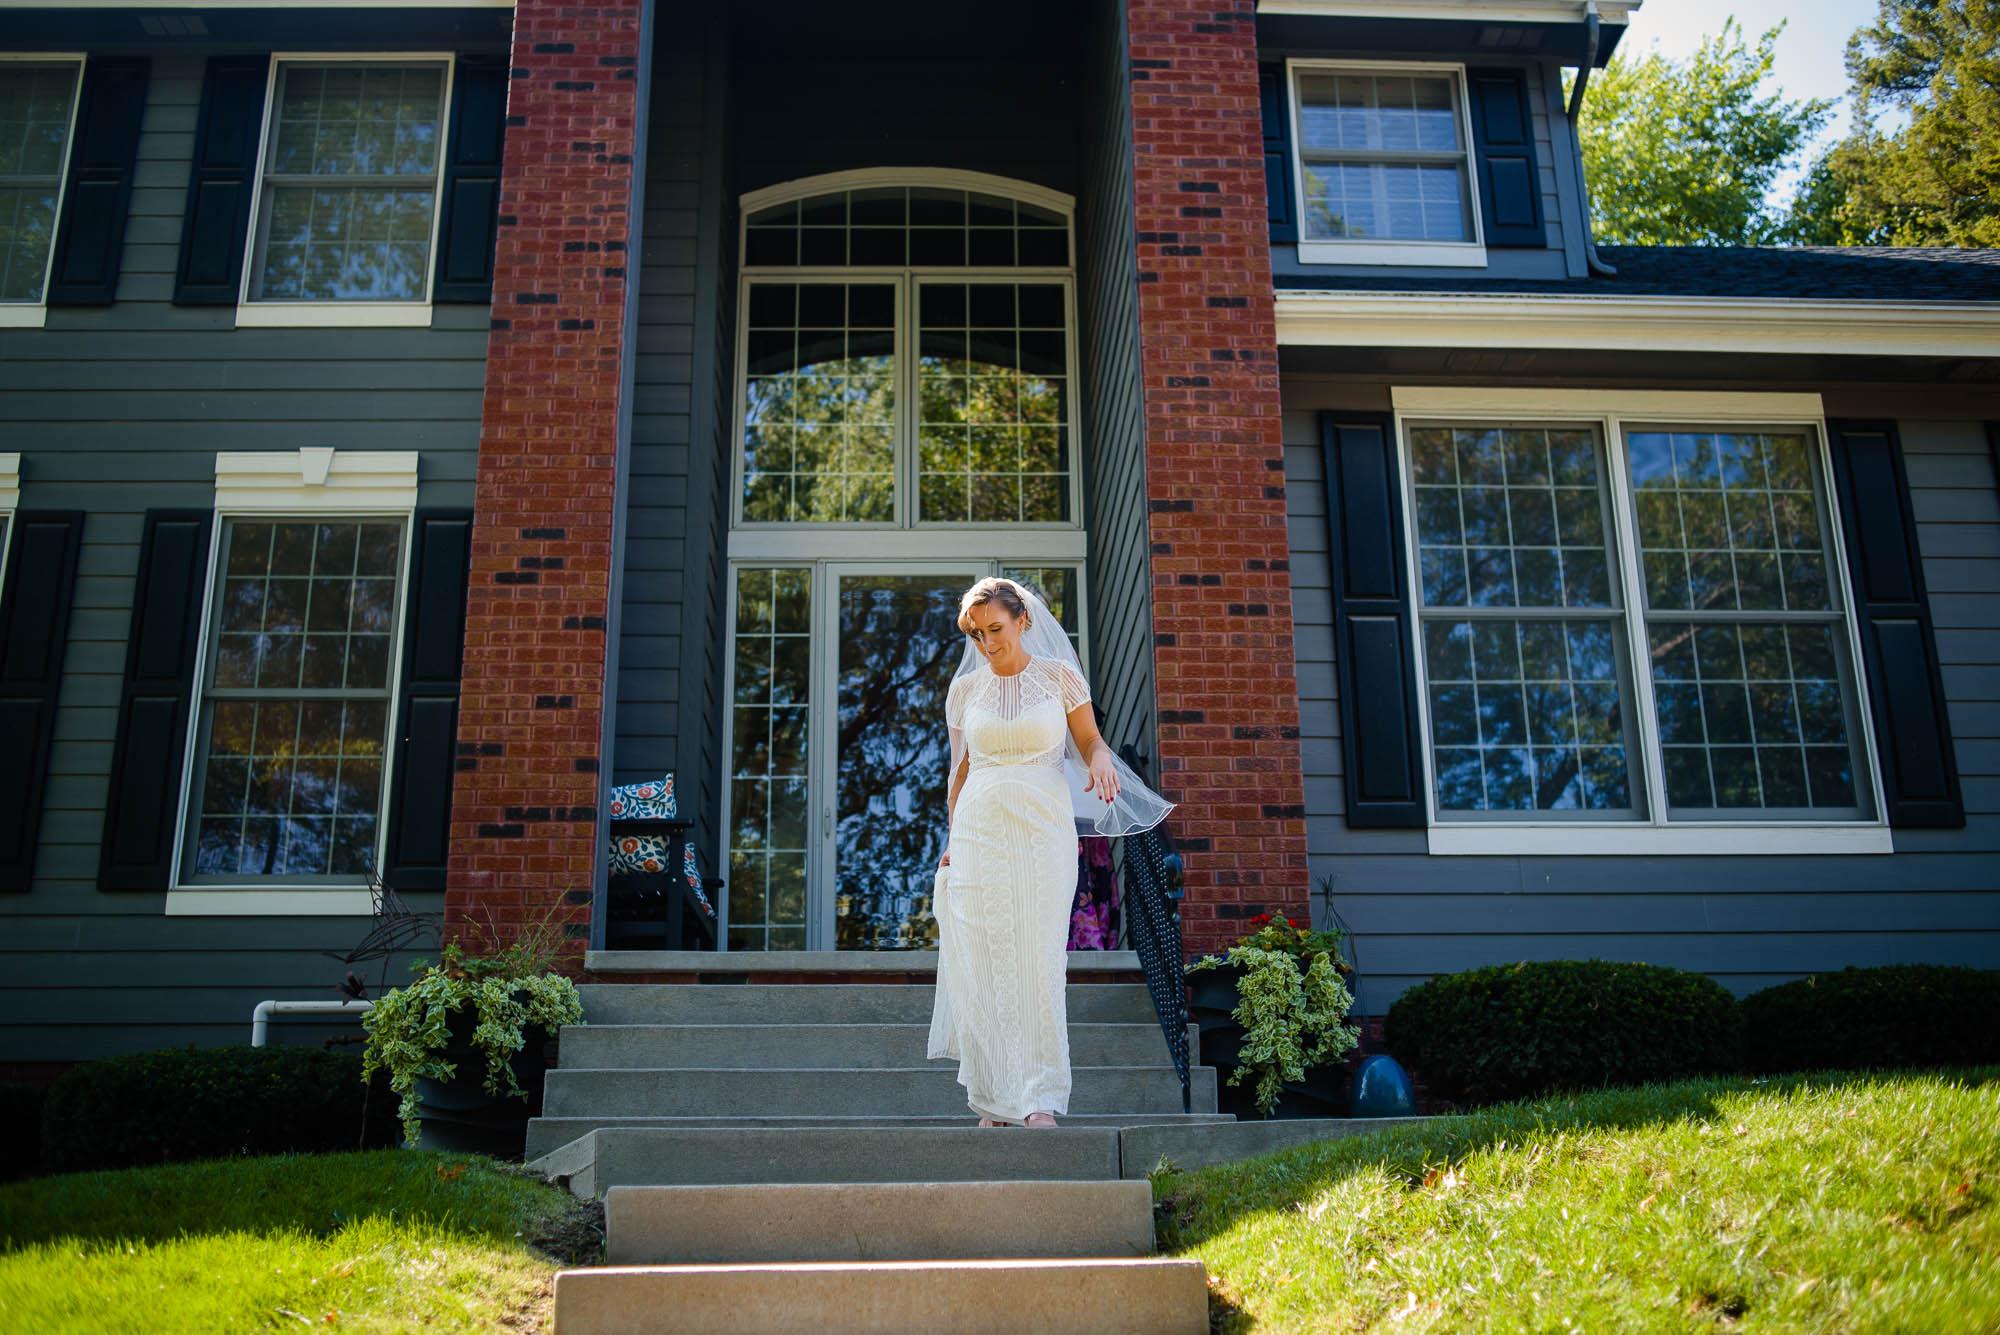 lauritzen-garden-omaha-liz-daniel-omaha-wedding-photographer-jm-studios-10010.jpg